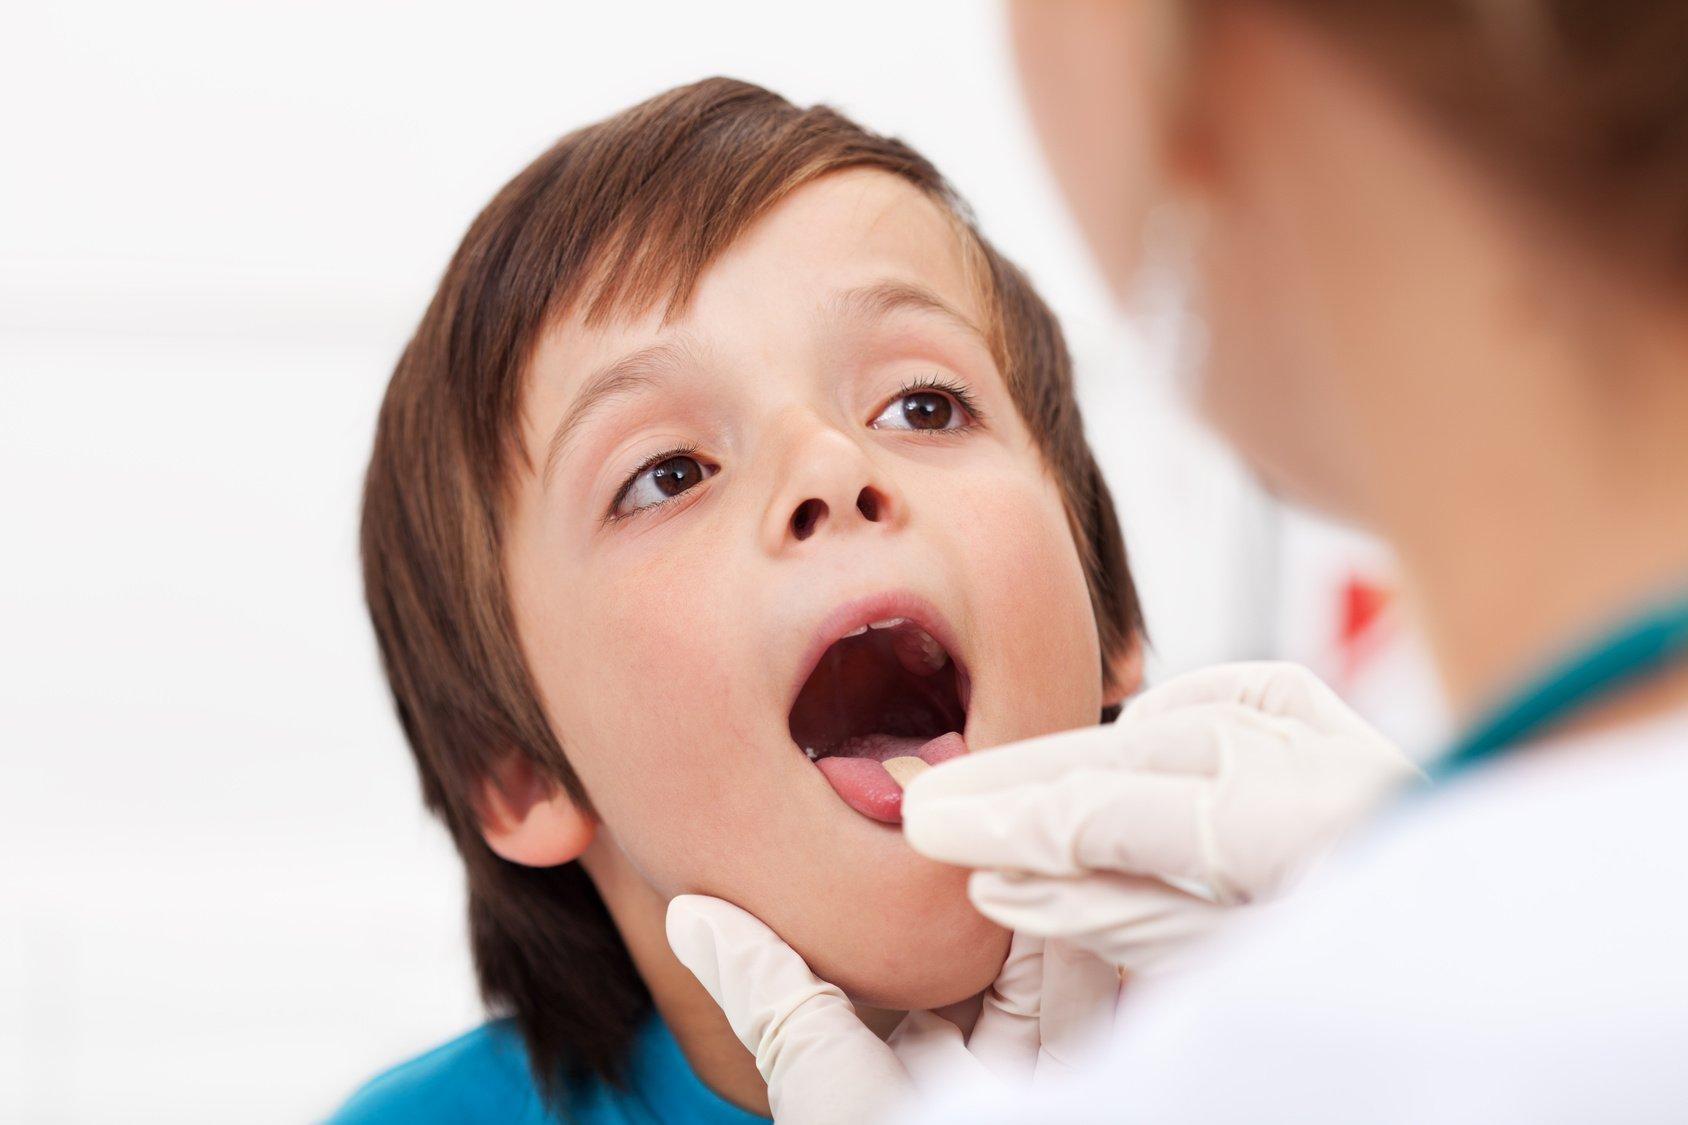 Лечение заболеваний горла и полости рта у детей препаратом Гексорал